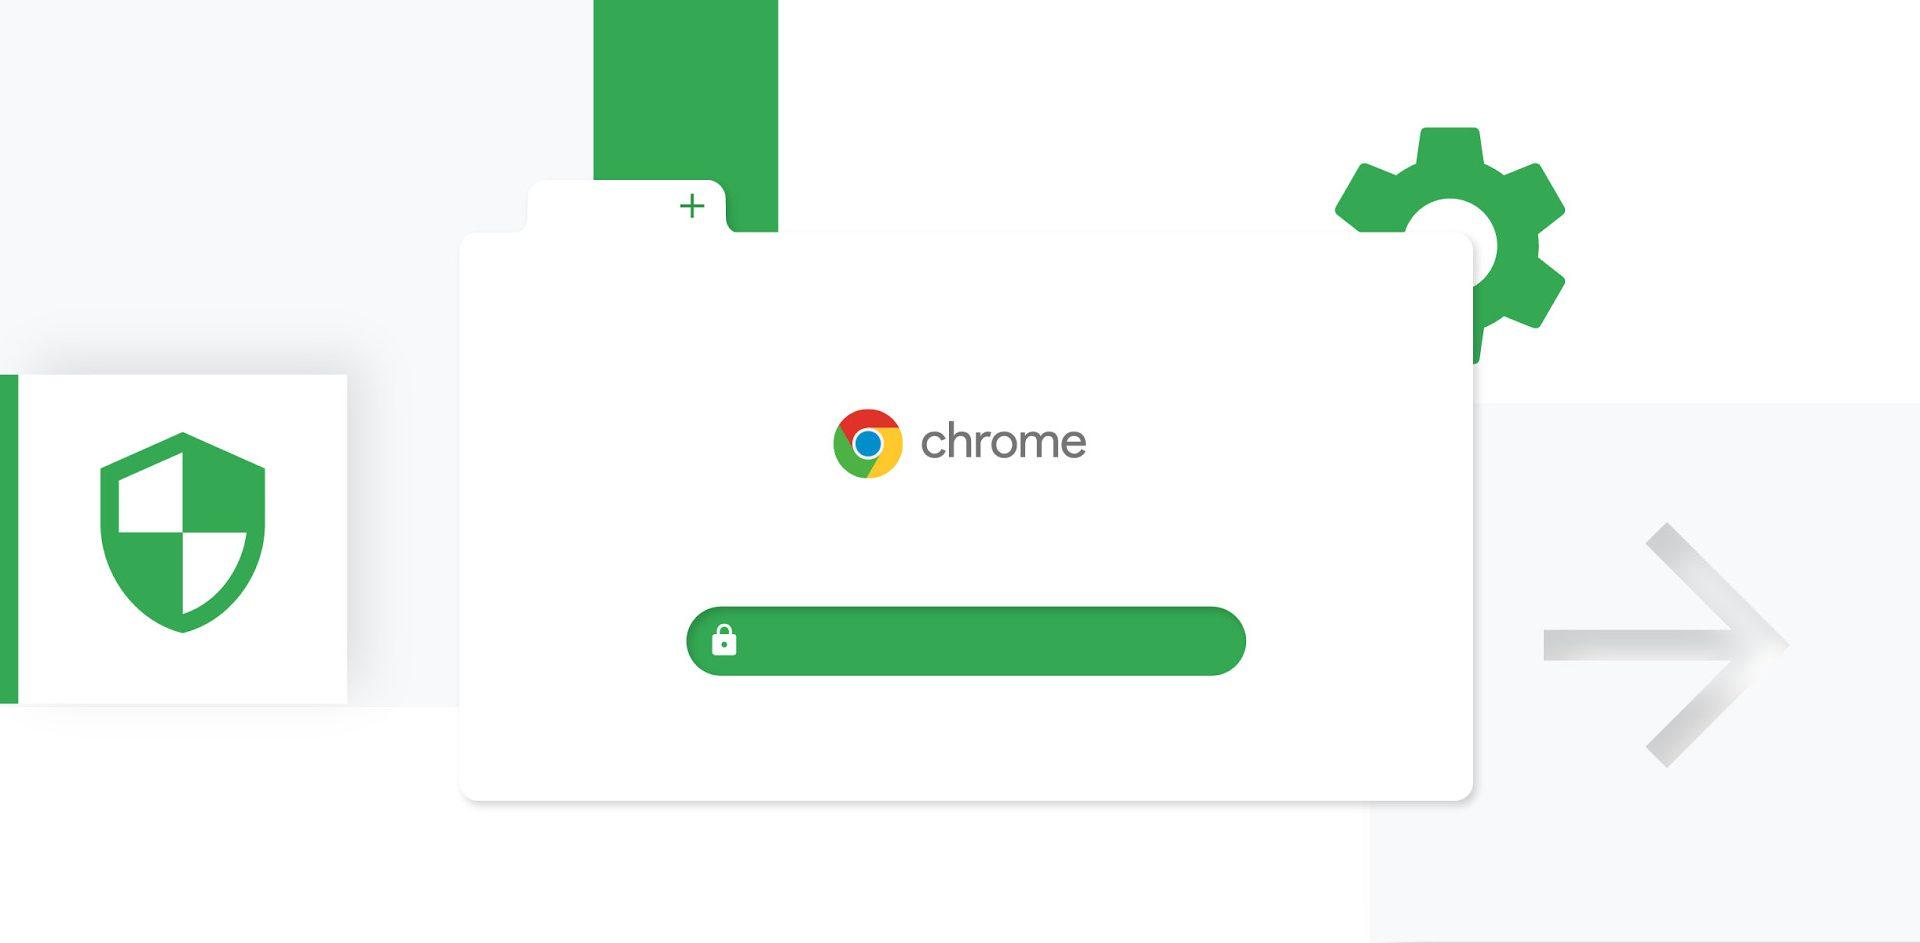 Google Cloud | Chrome Enterprise